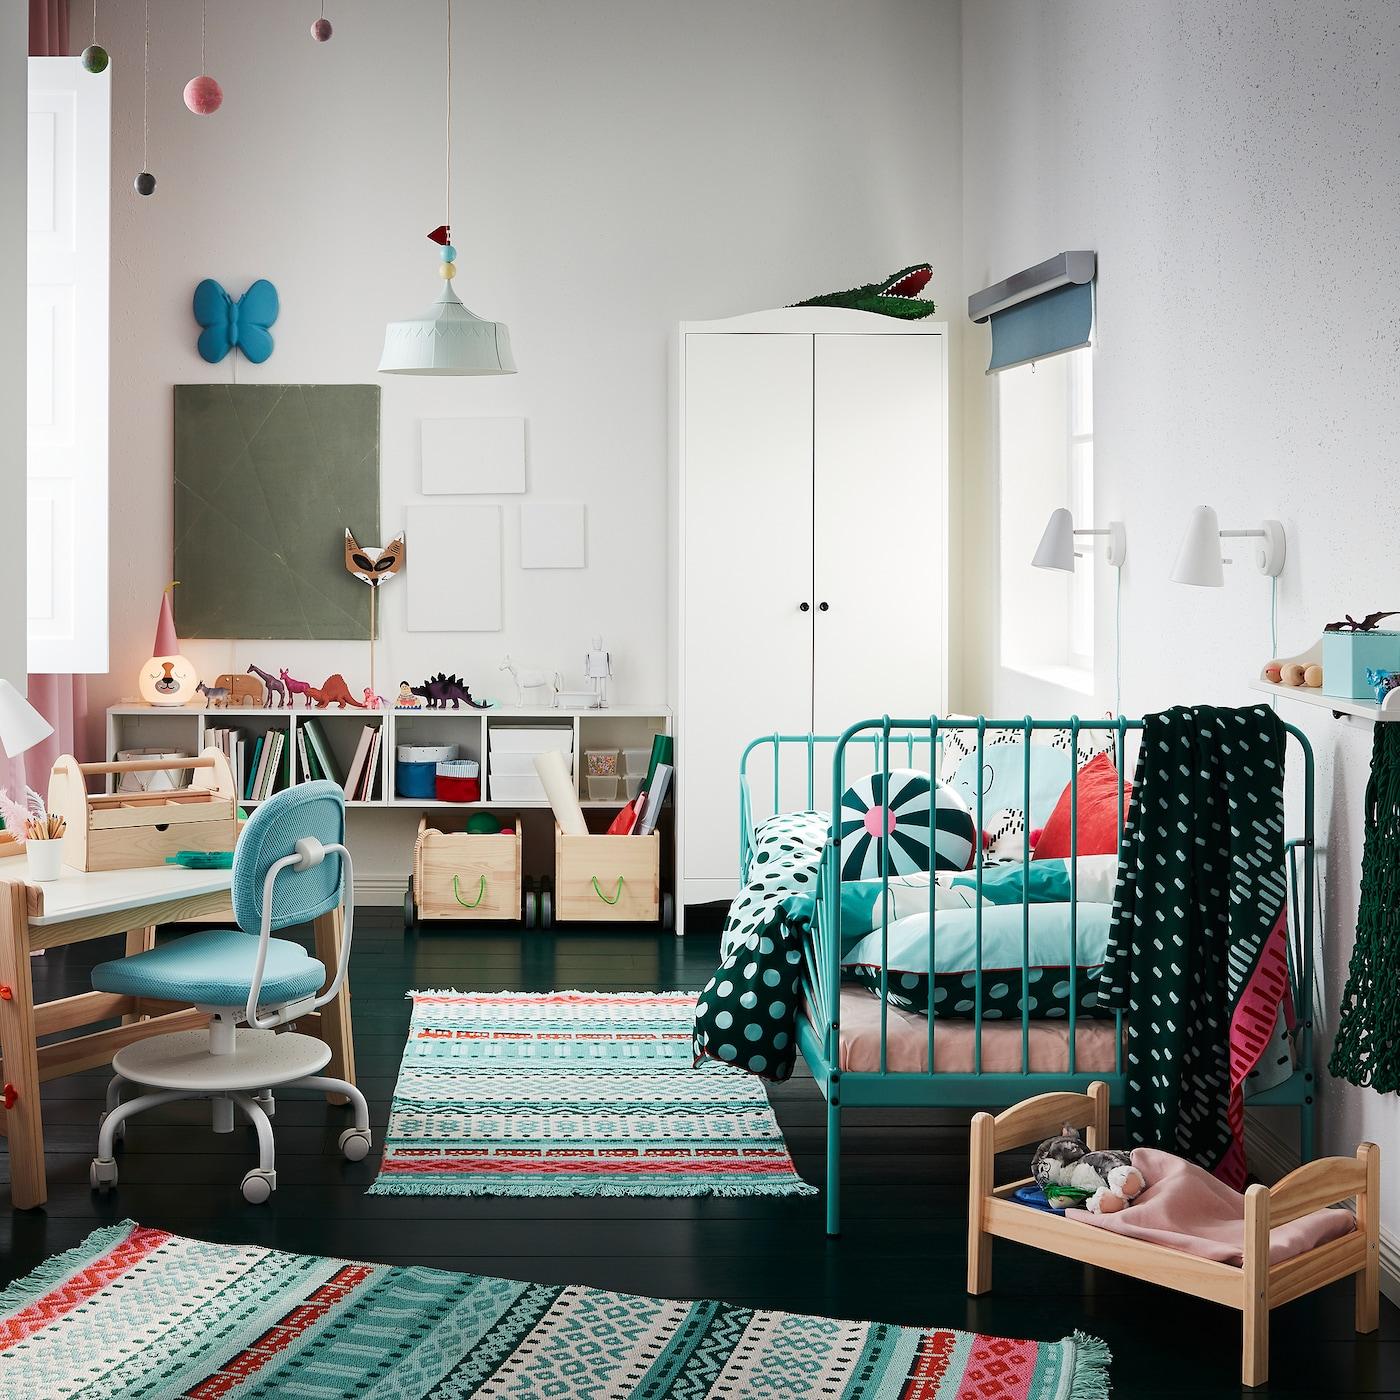 Dečja soba sa šarenim tepisima, krevetni okvir u tirkiznoj nijansi, beli garderober, krevet za lutke i dečji radni sto.